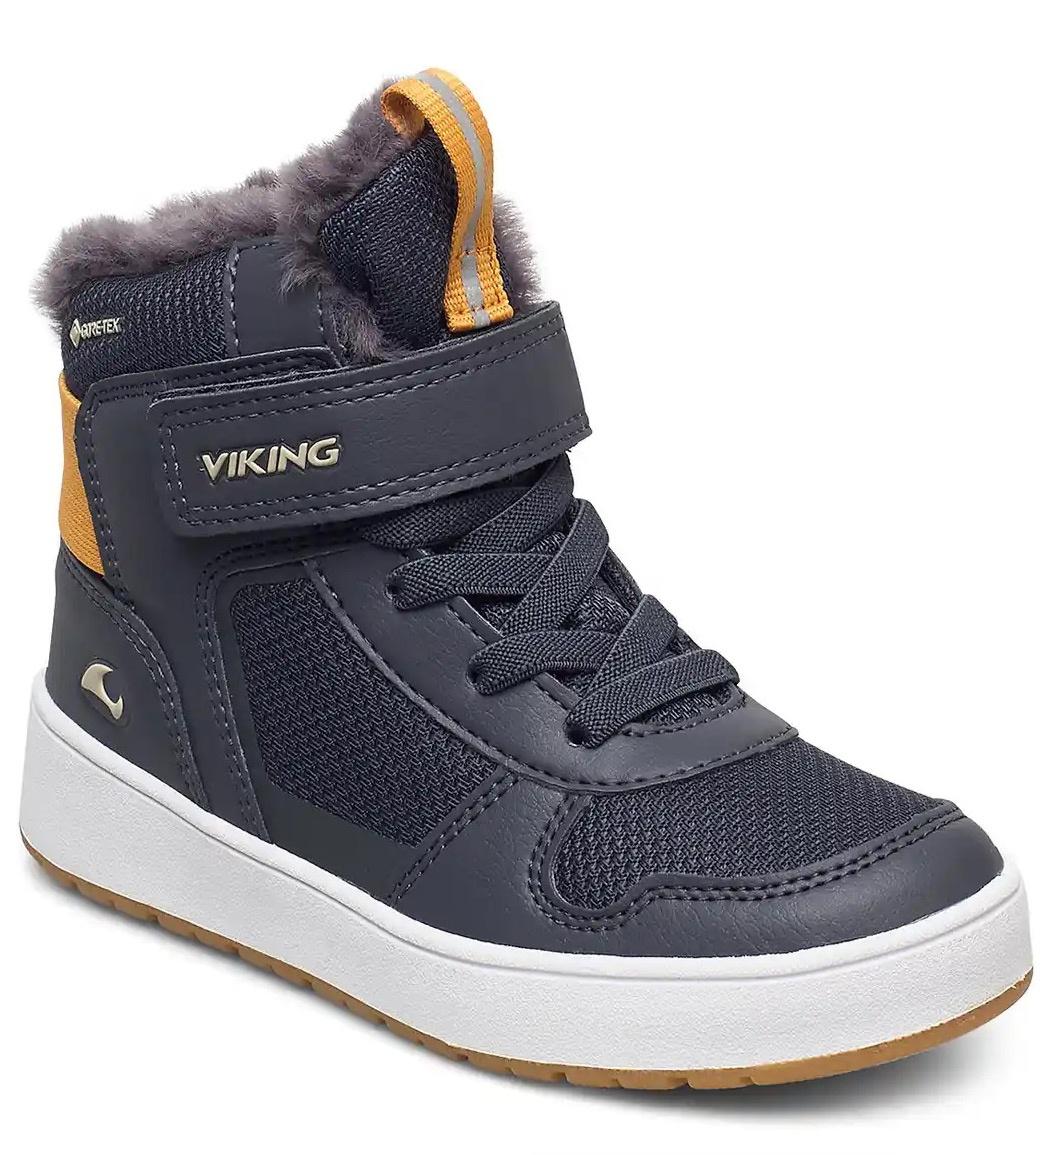 Купить 3-90170-505, Ботинки для детей Viking цв. синий р-р. 39,